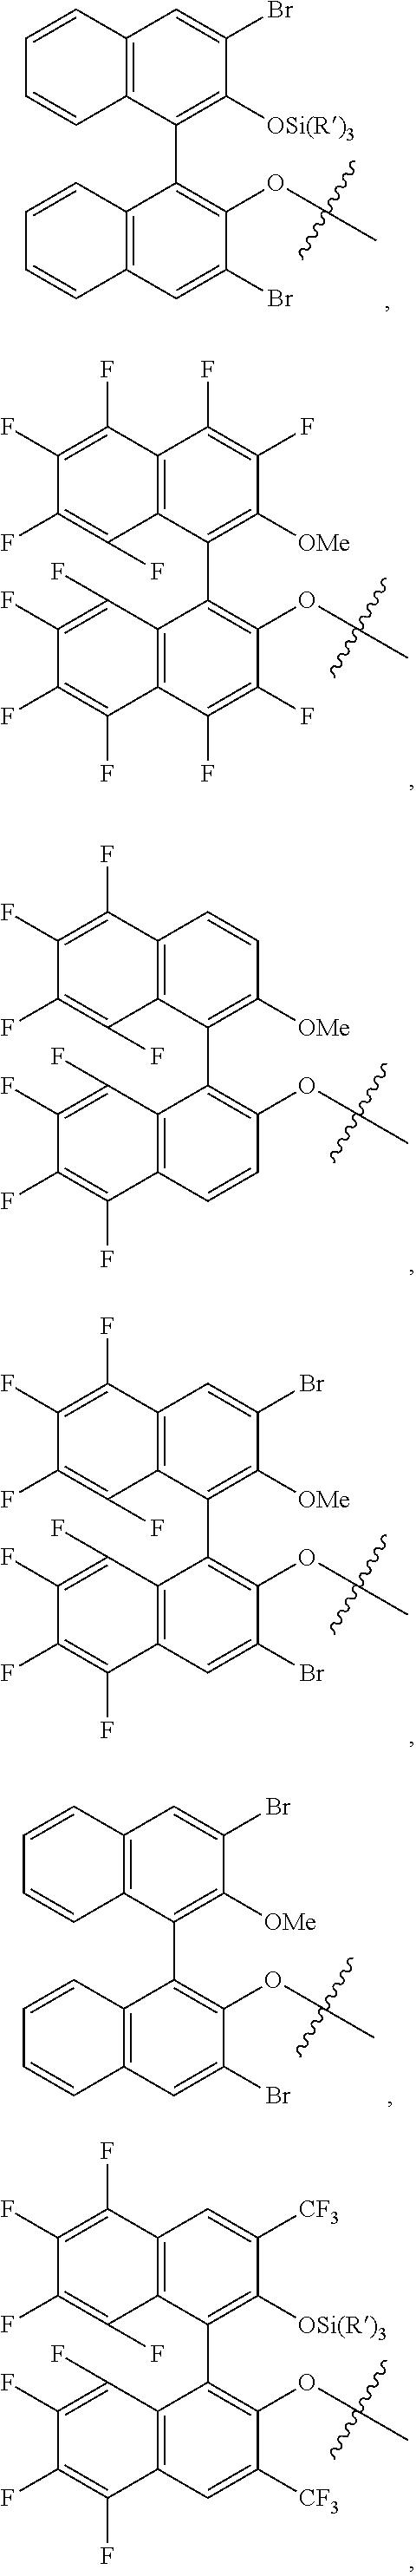 Figure US09446394-20160920-C00137